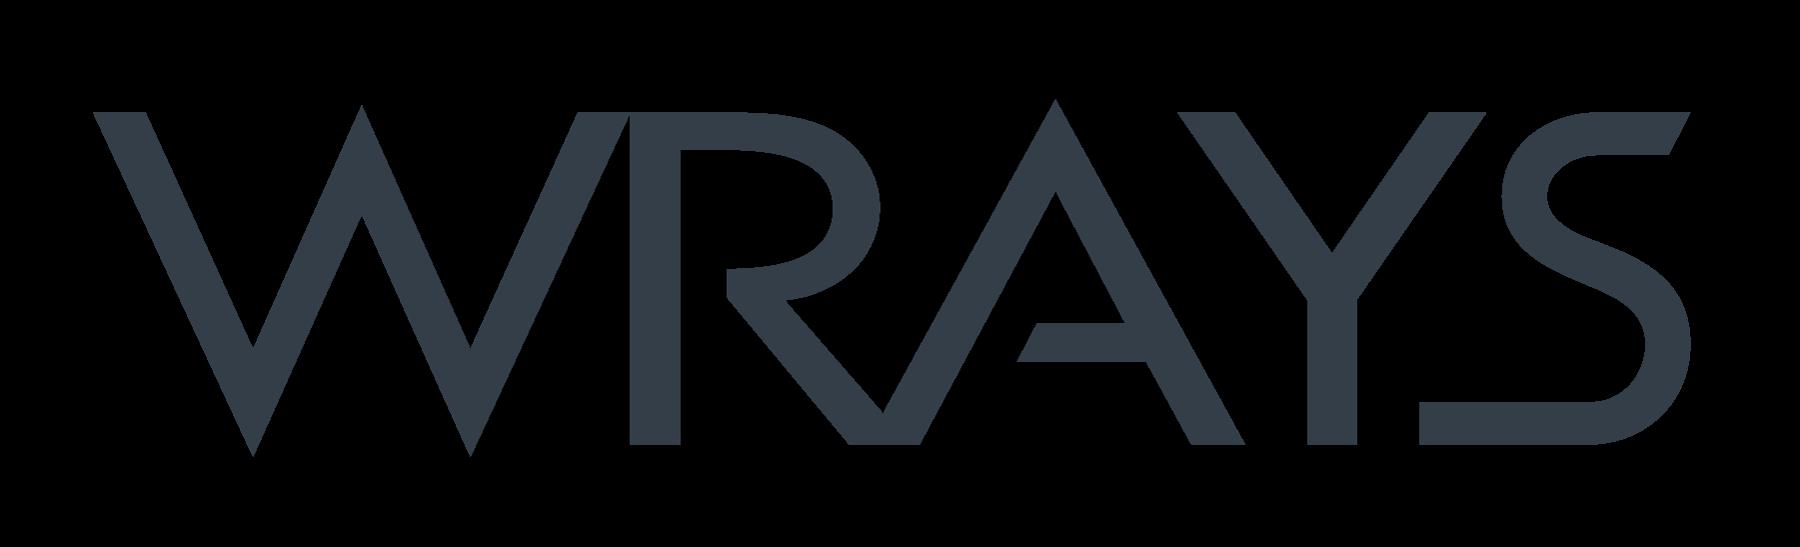 Wrays logo